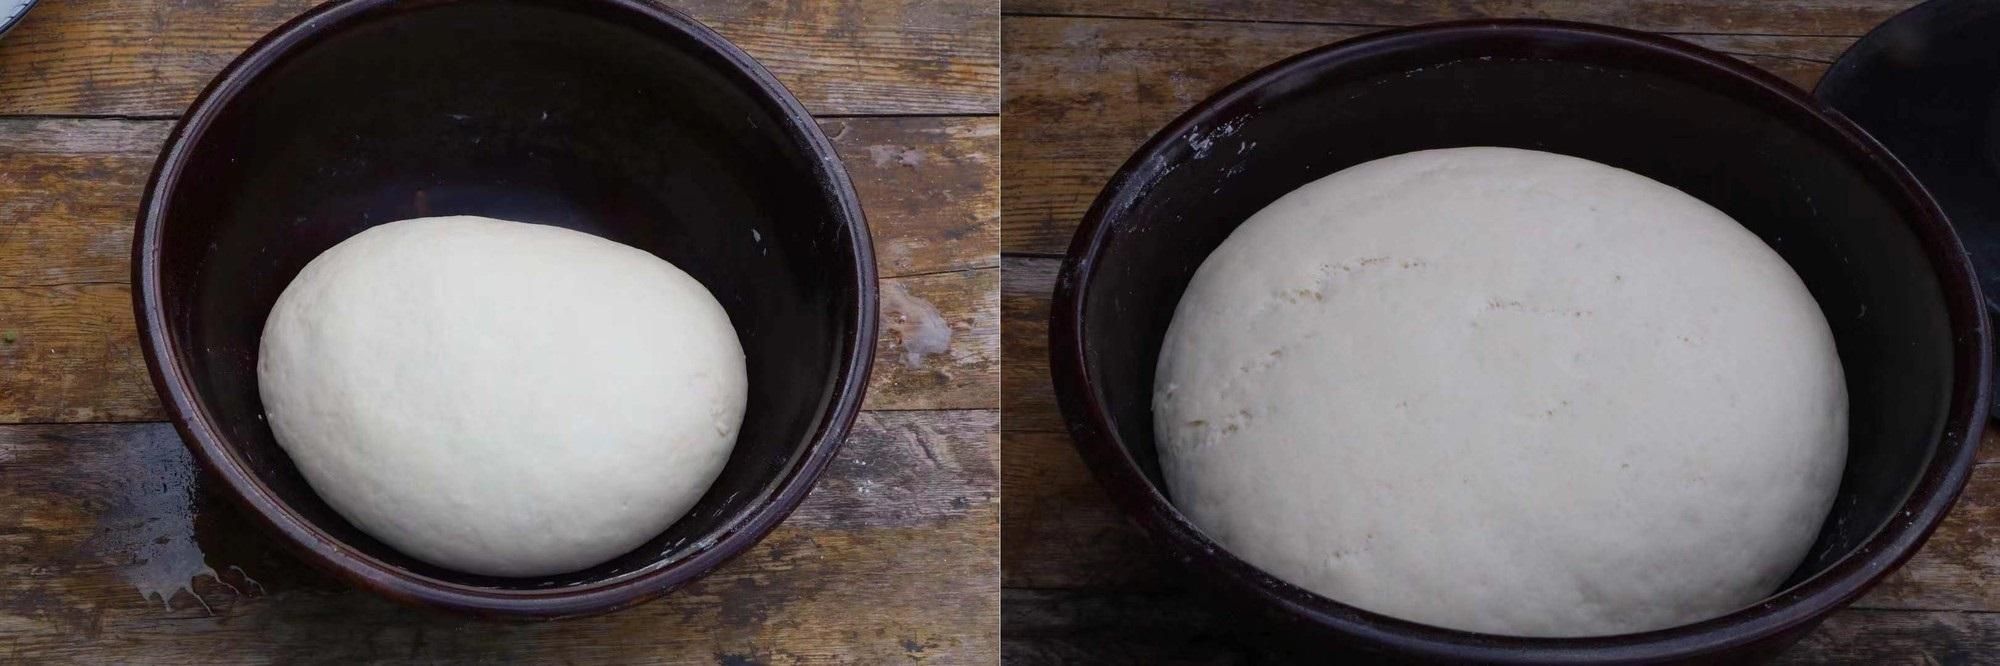 Tôi có cách làm bánh bao nhân thịt vừa nhanh vừa ngon lại còn đẹp mắt, bạn thử là sẽ thích liền! - Ảnh 1